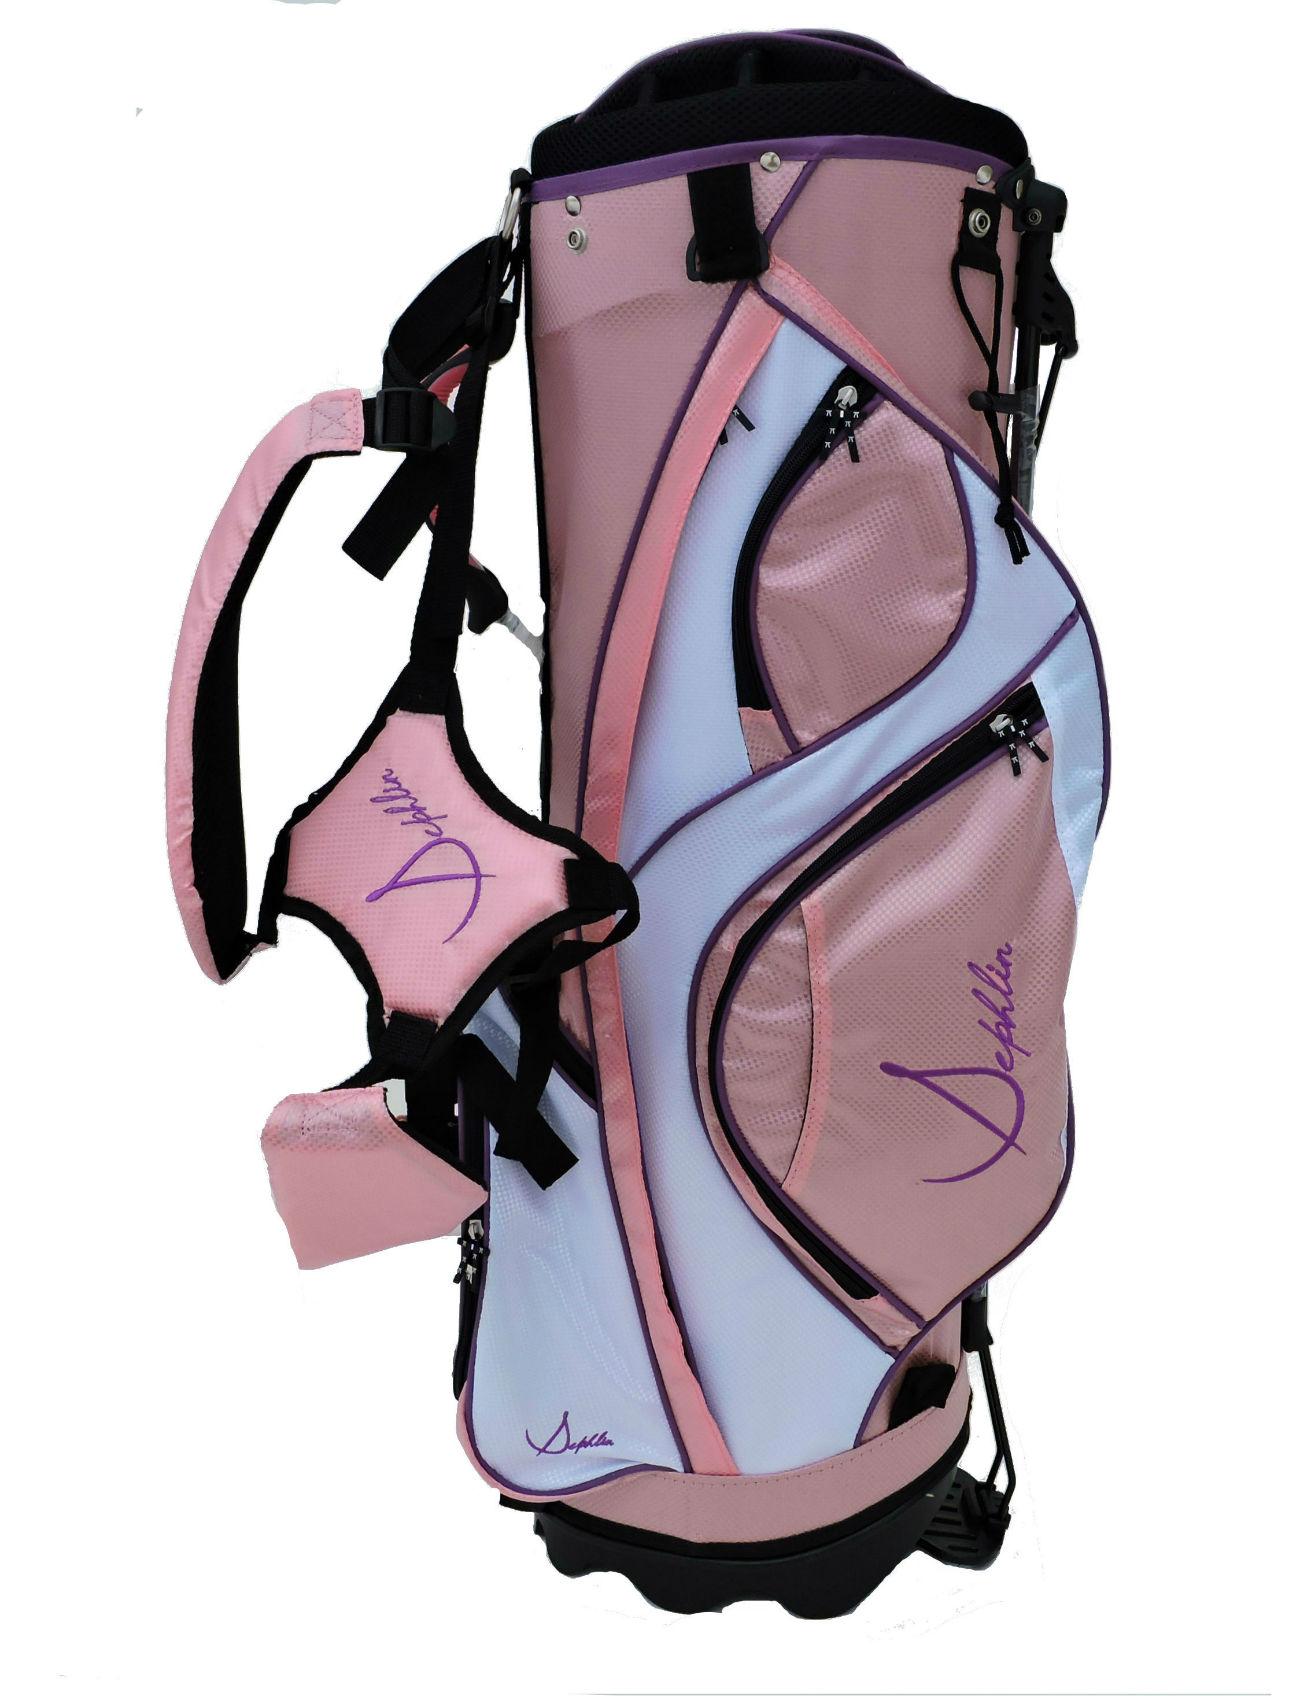 Sephlin - Sephlin Womens Golf Bag